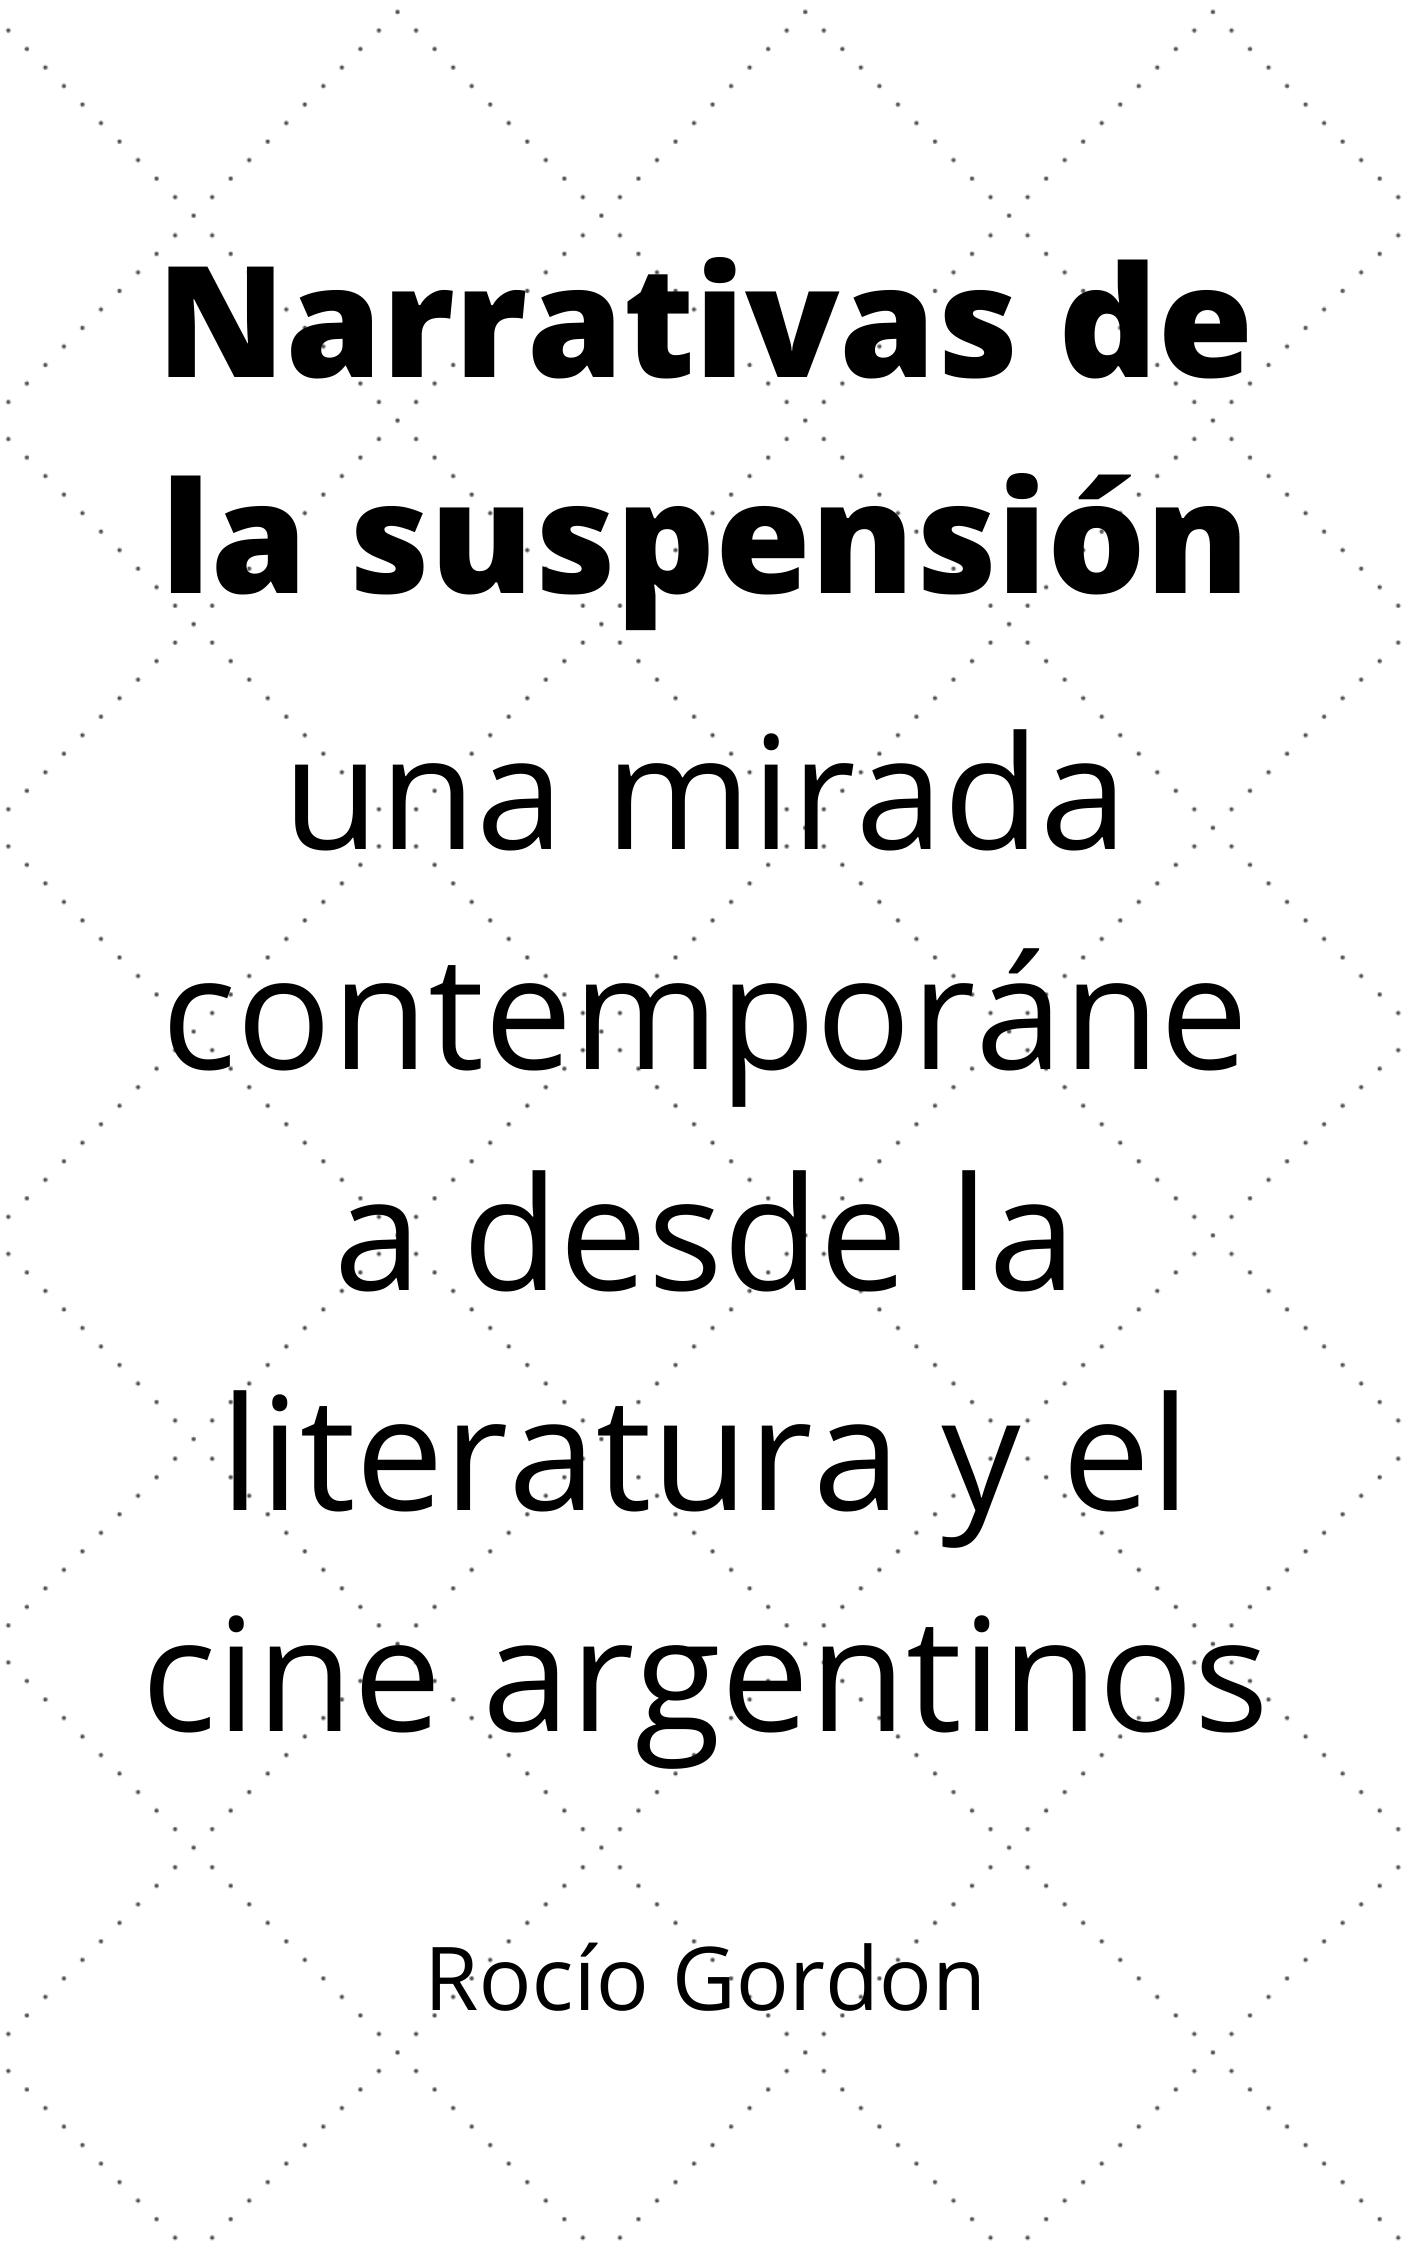 Narrativas de la Suspensión: Una Mirada Contemporánea desde la Literatura y el Cine Argentinos